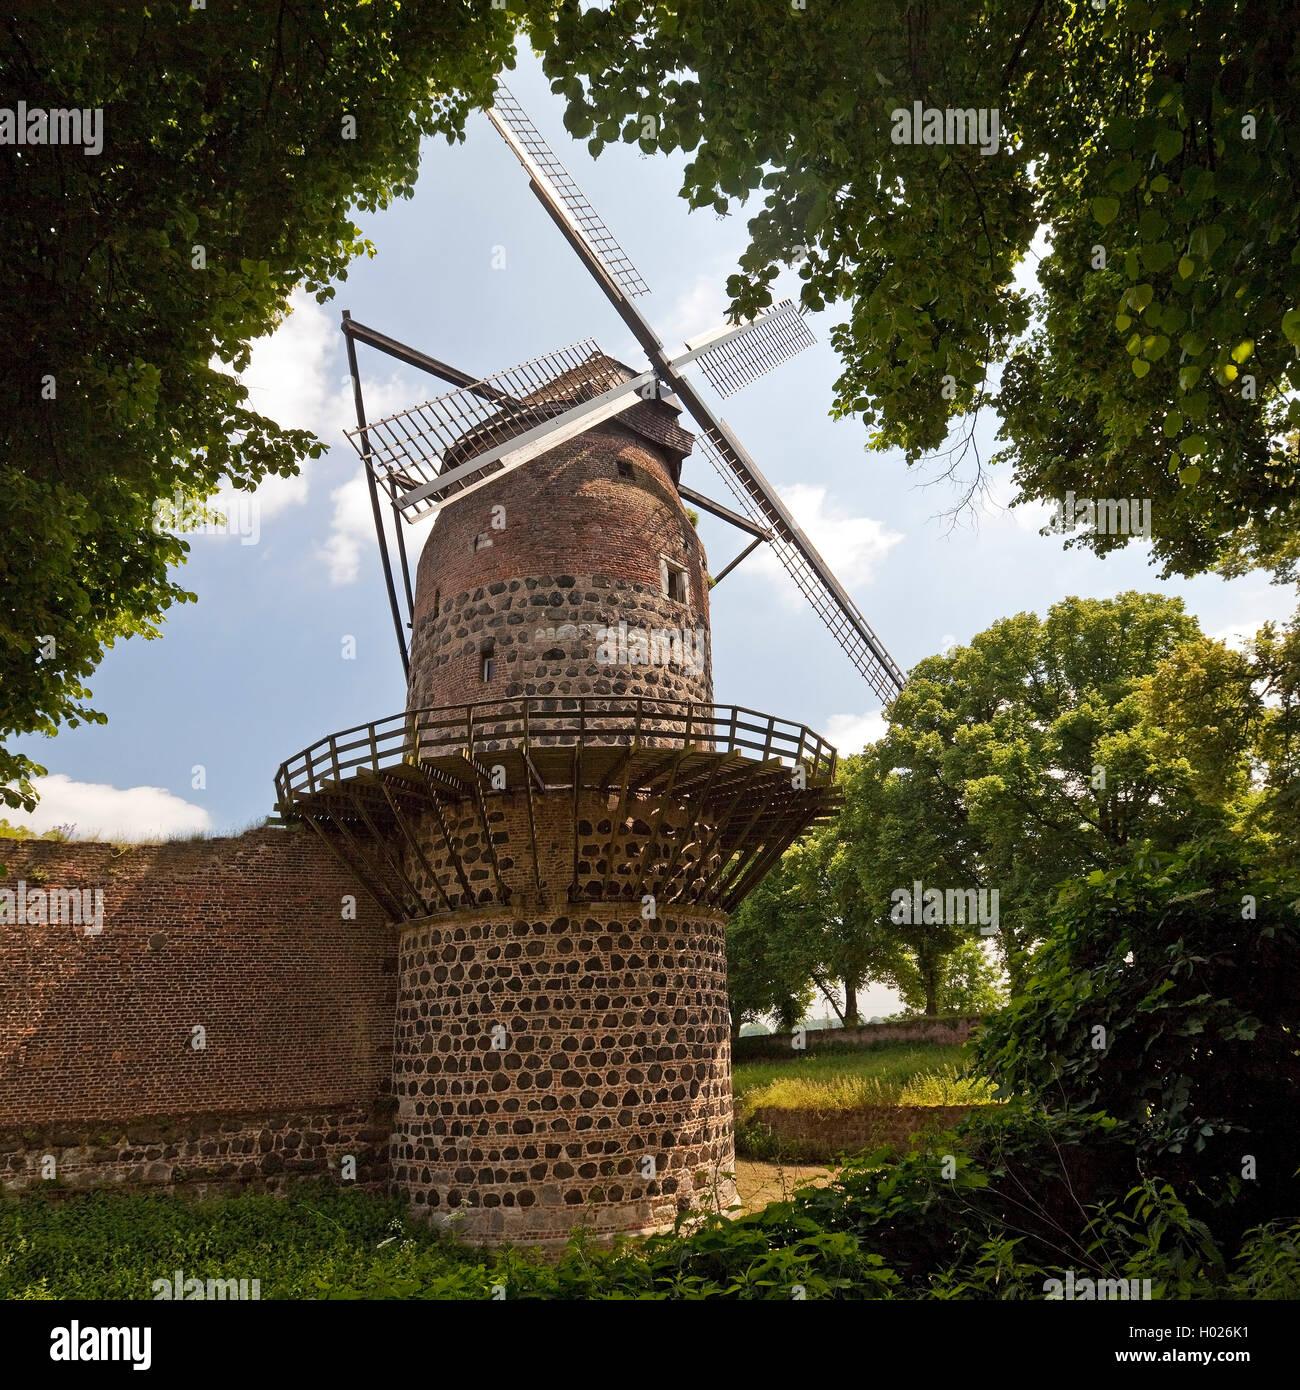 Zonser Windmuehle, Hollaenderwindmuehle, Deutschland, Nordrhein-Westfalen, Niederrhein, Dormagen   windmill of Zons, - Stock Image